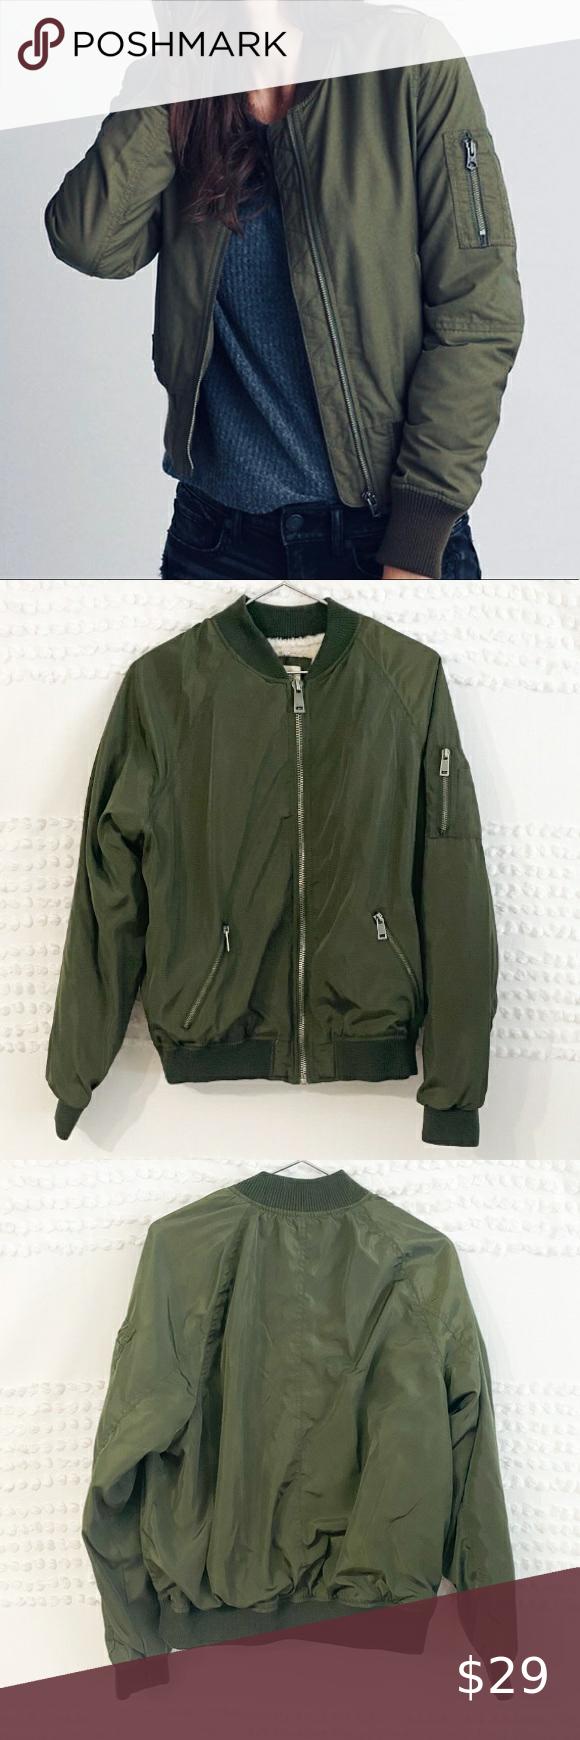 Ashley Outerwear Green Bomber Zip Up Jacket Xl Jackets Bomber Jacket Zip Ups [ 1740 x 580 Pixel ]